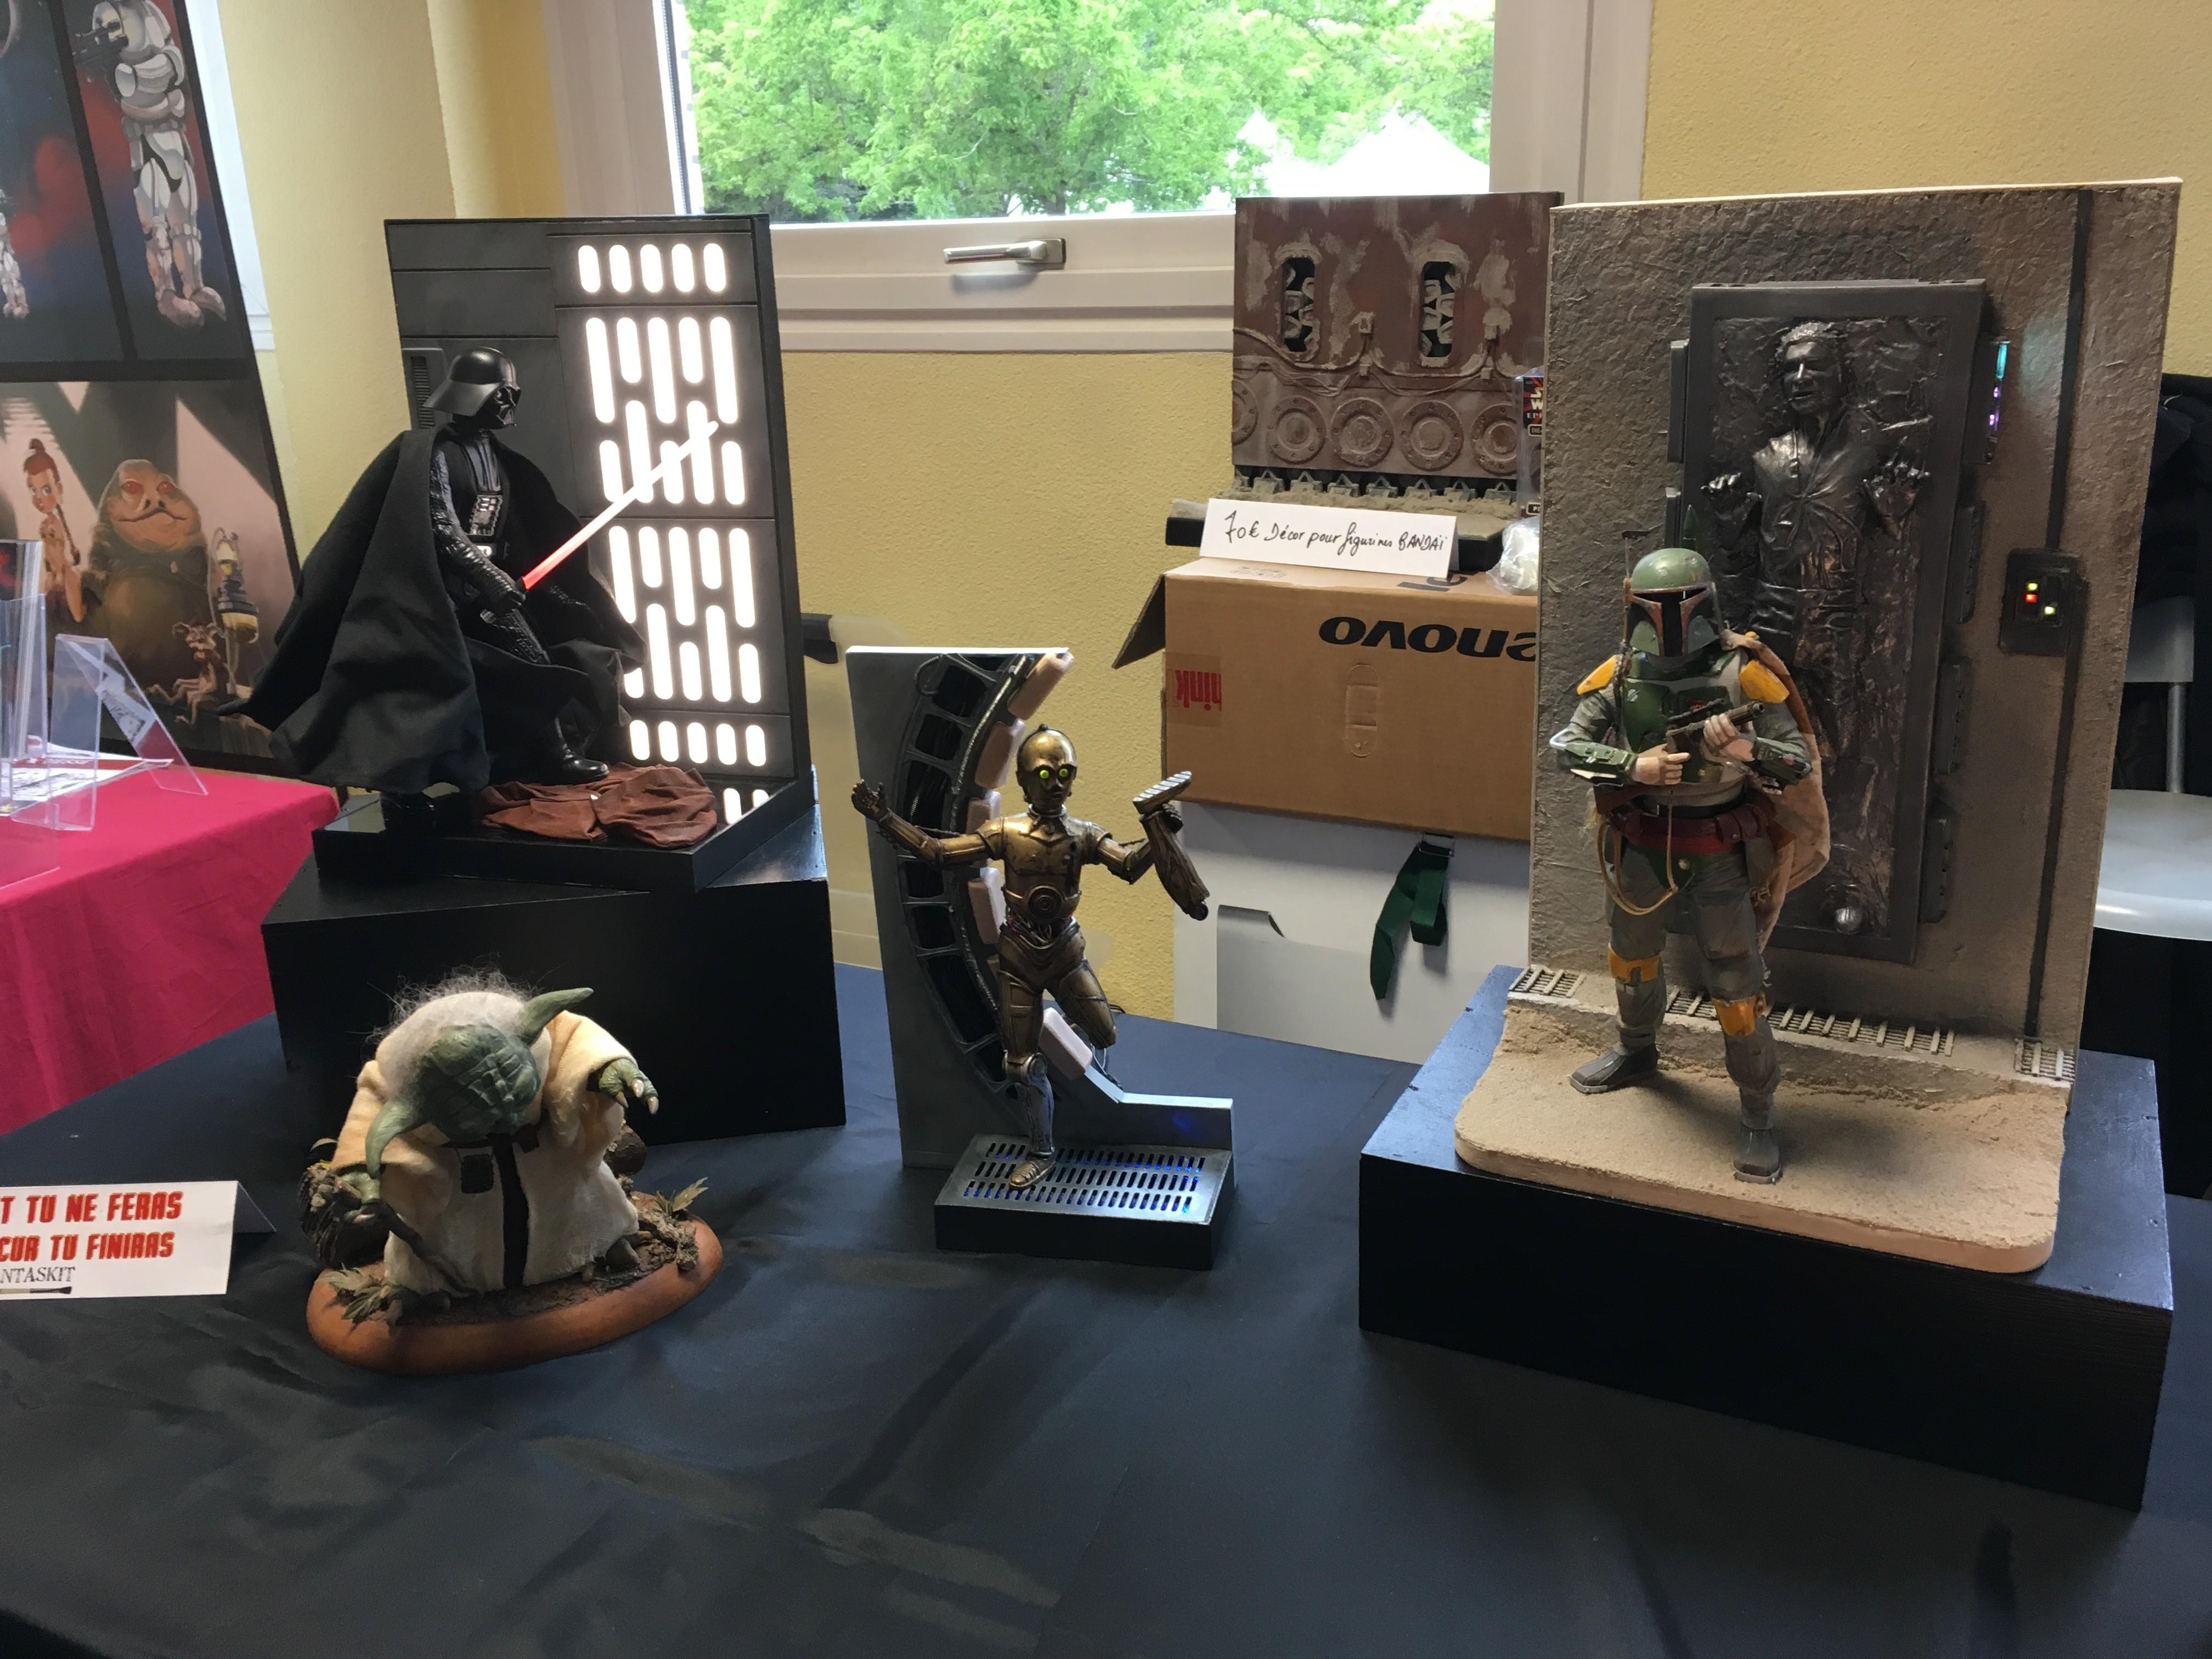 Générations Star Wars et SF 20ème édition - Cusset - 28 et 29 avril 2018 AMIgOE